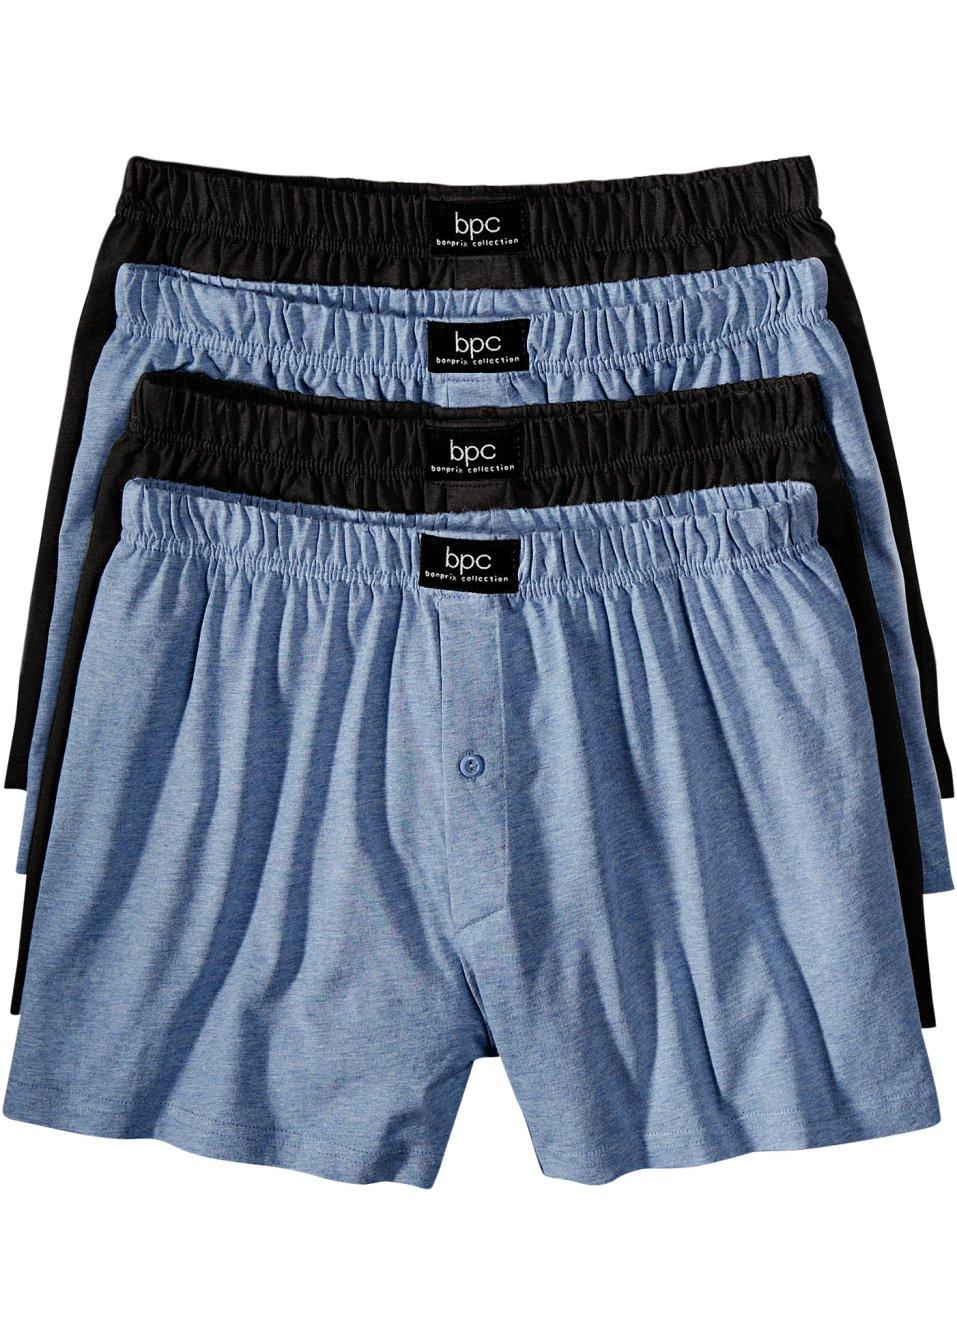 Cale ons lot de 4 bleu jean chin noir bpc bonprix collection commande - Bonprix suivi de commande ...